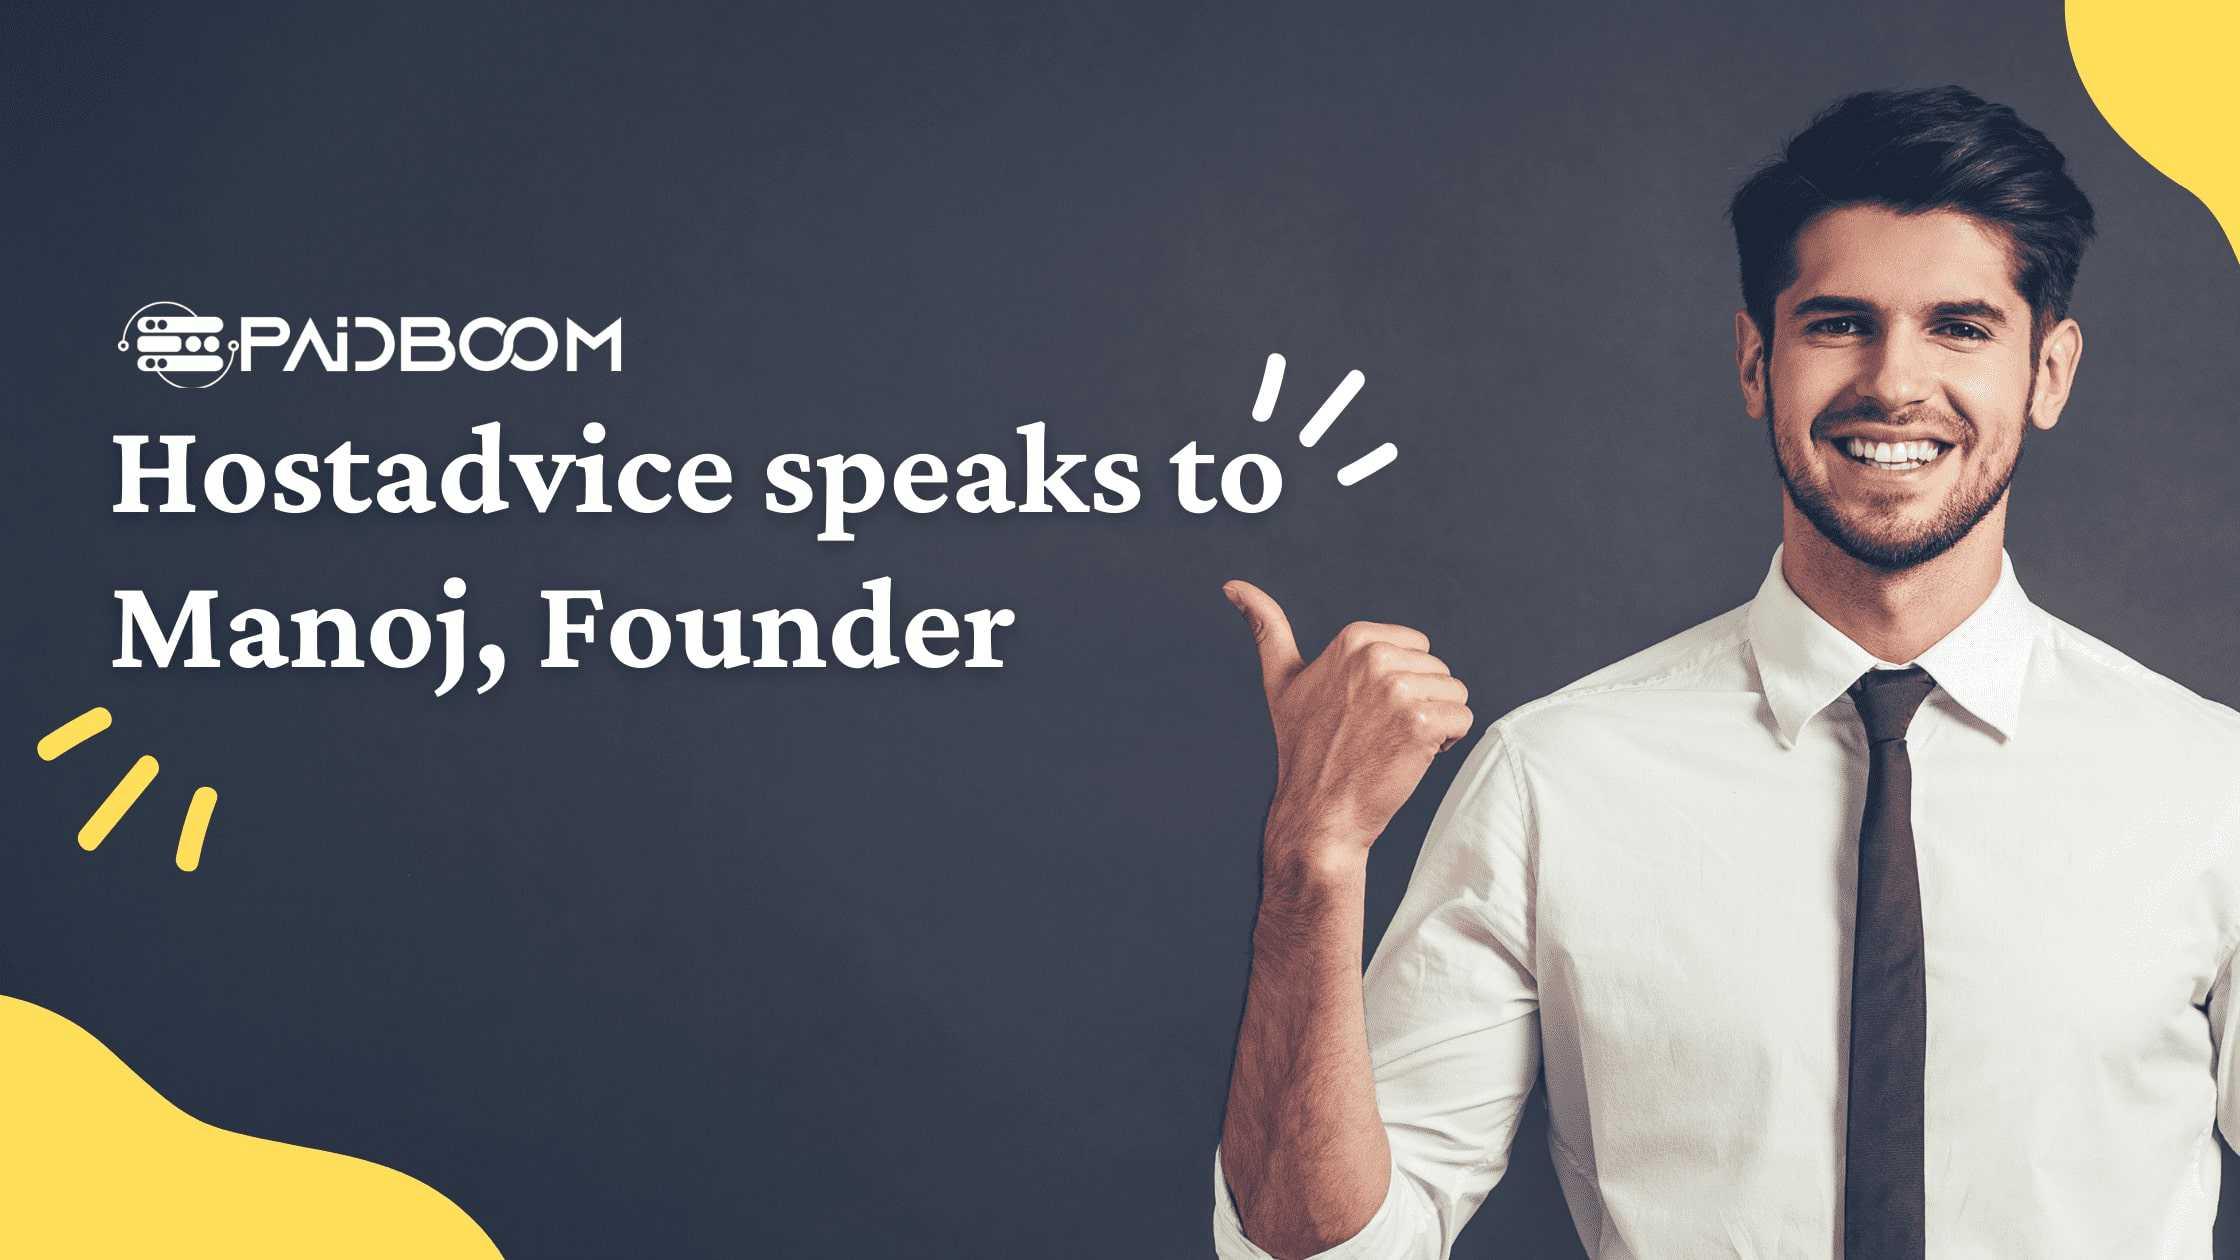 Hostadvice speaks to Manoj, Founder